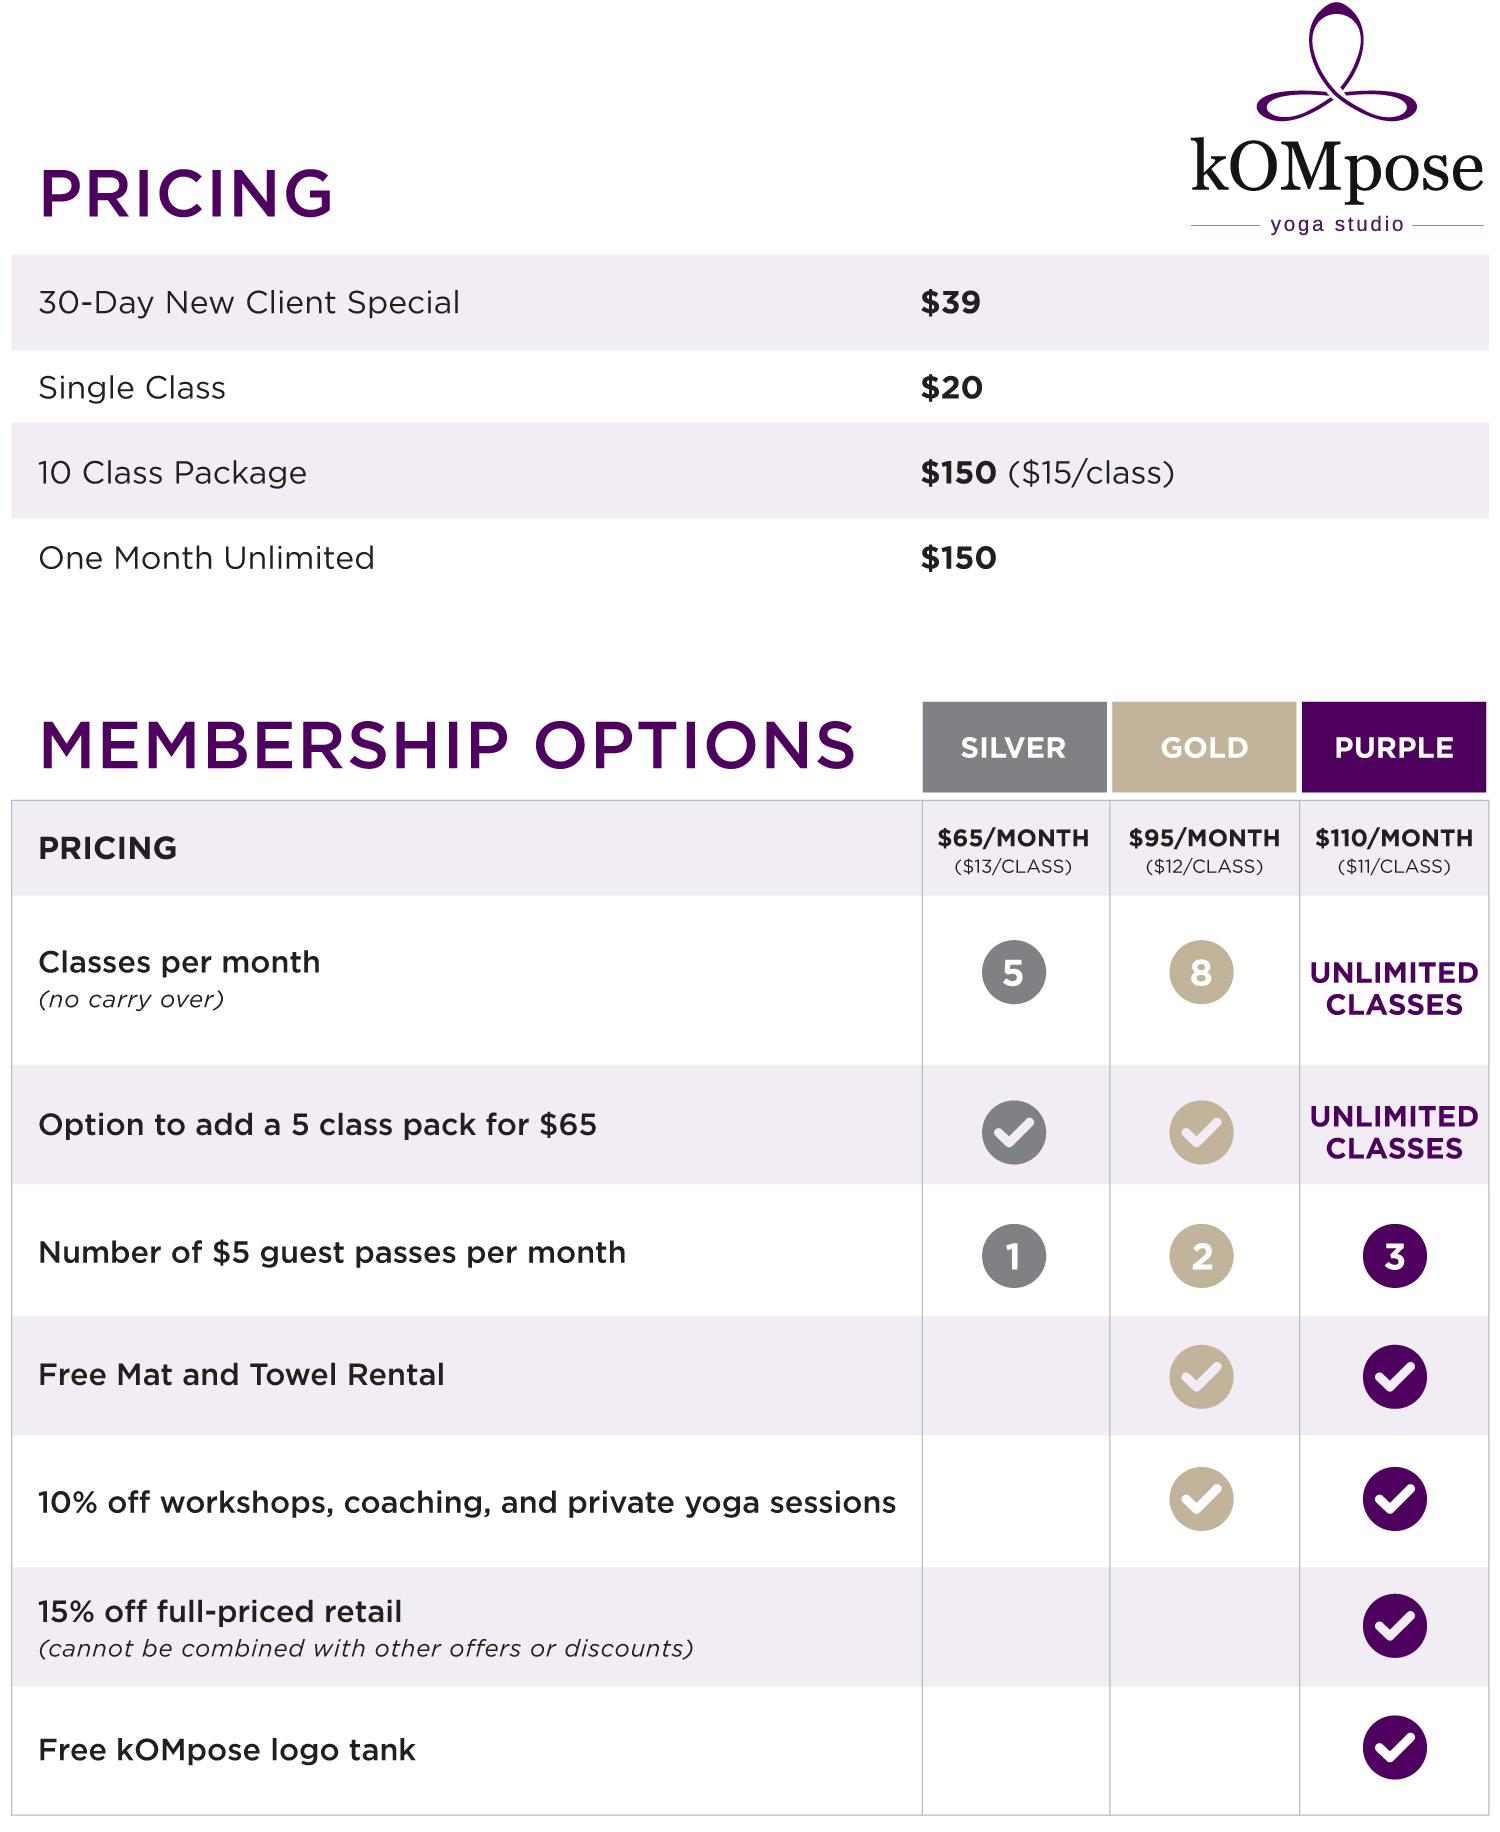 kompose-pricing-large.jpg